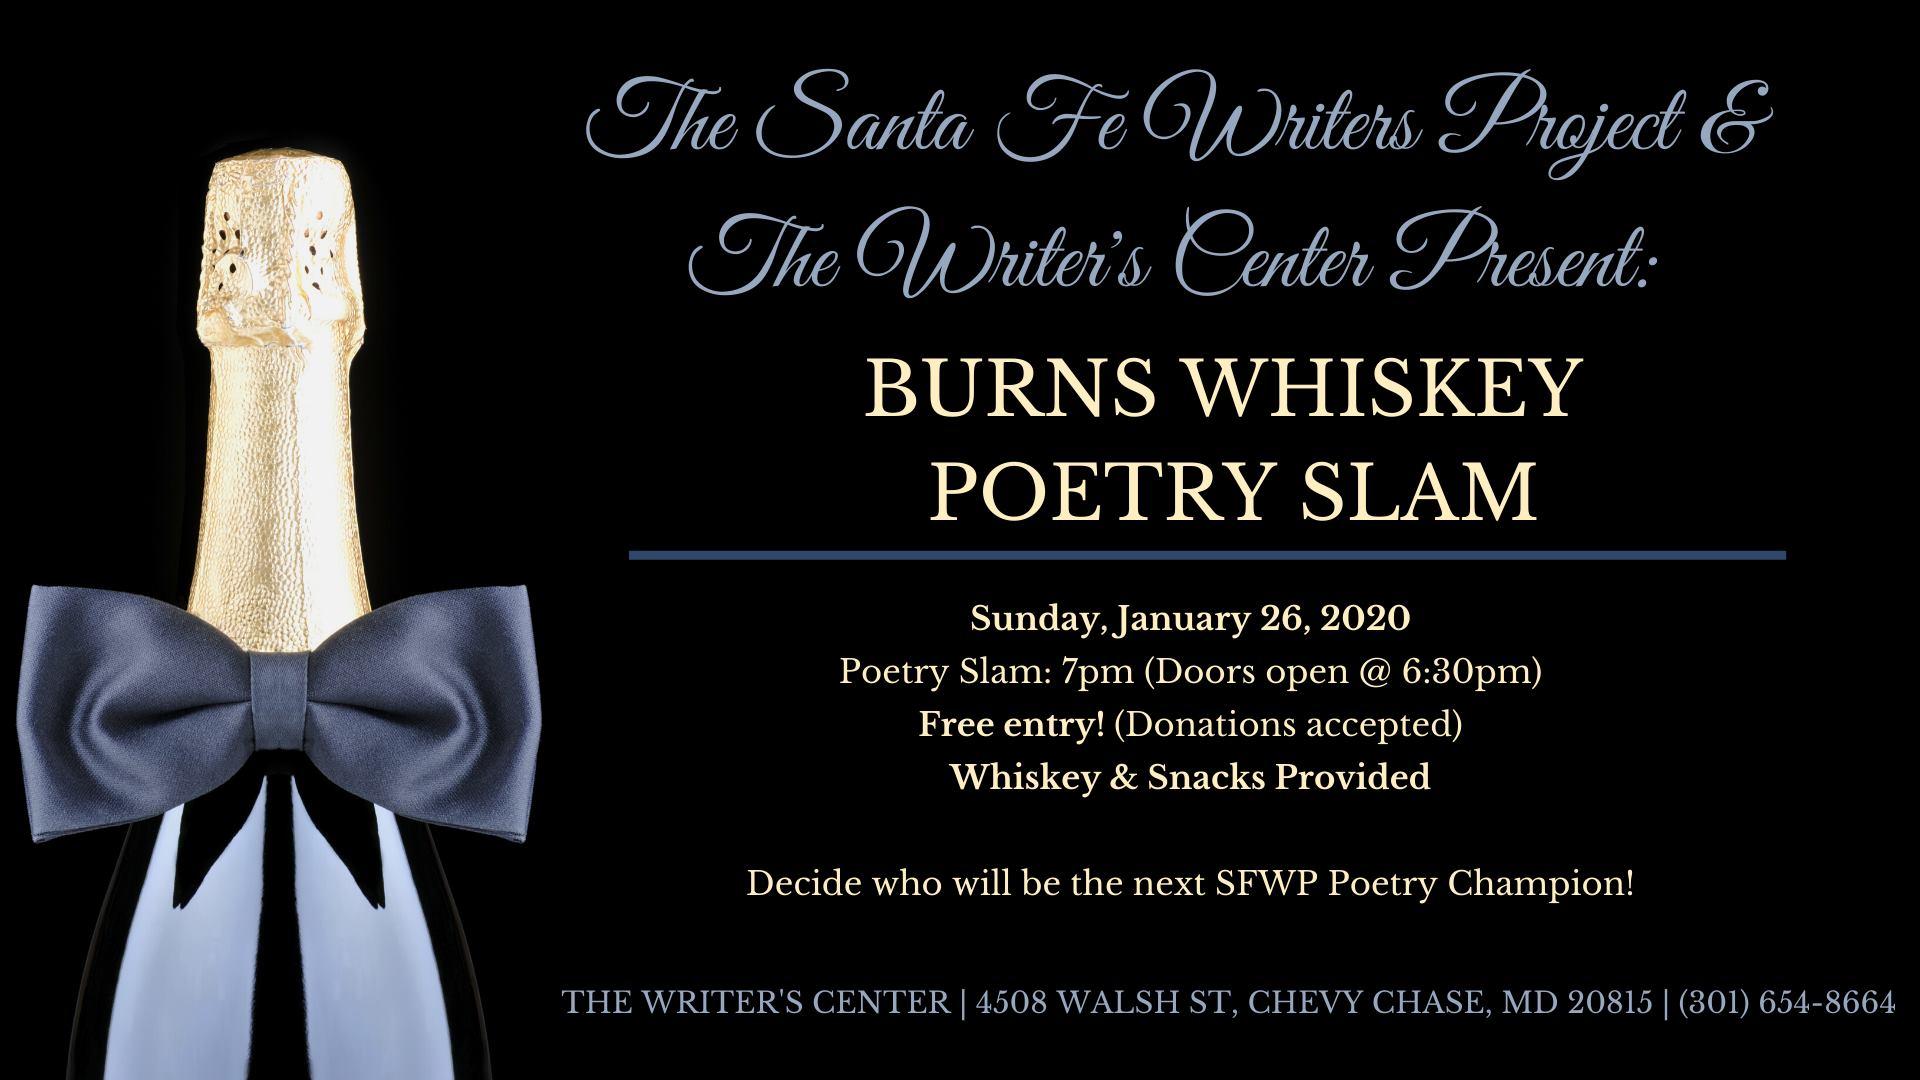 Burns Whiskey Poetry Slam